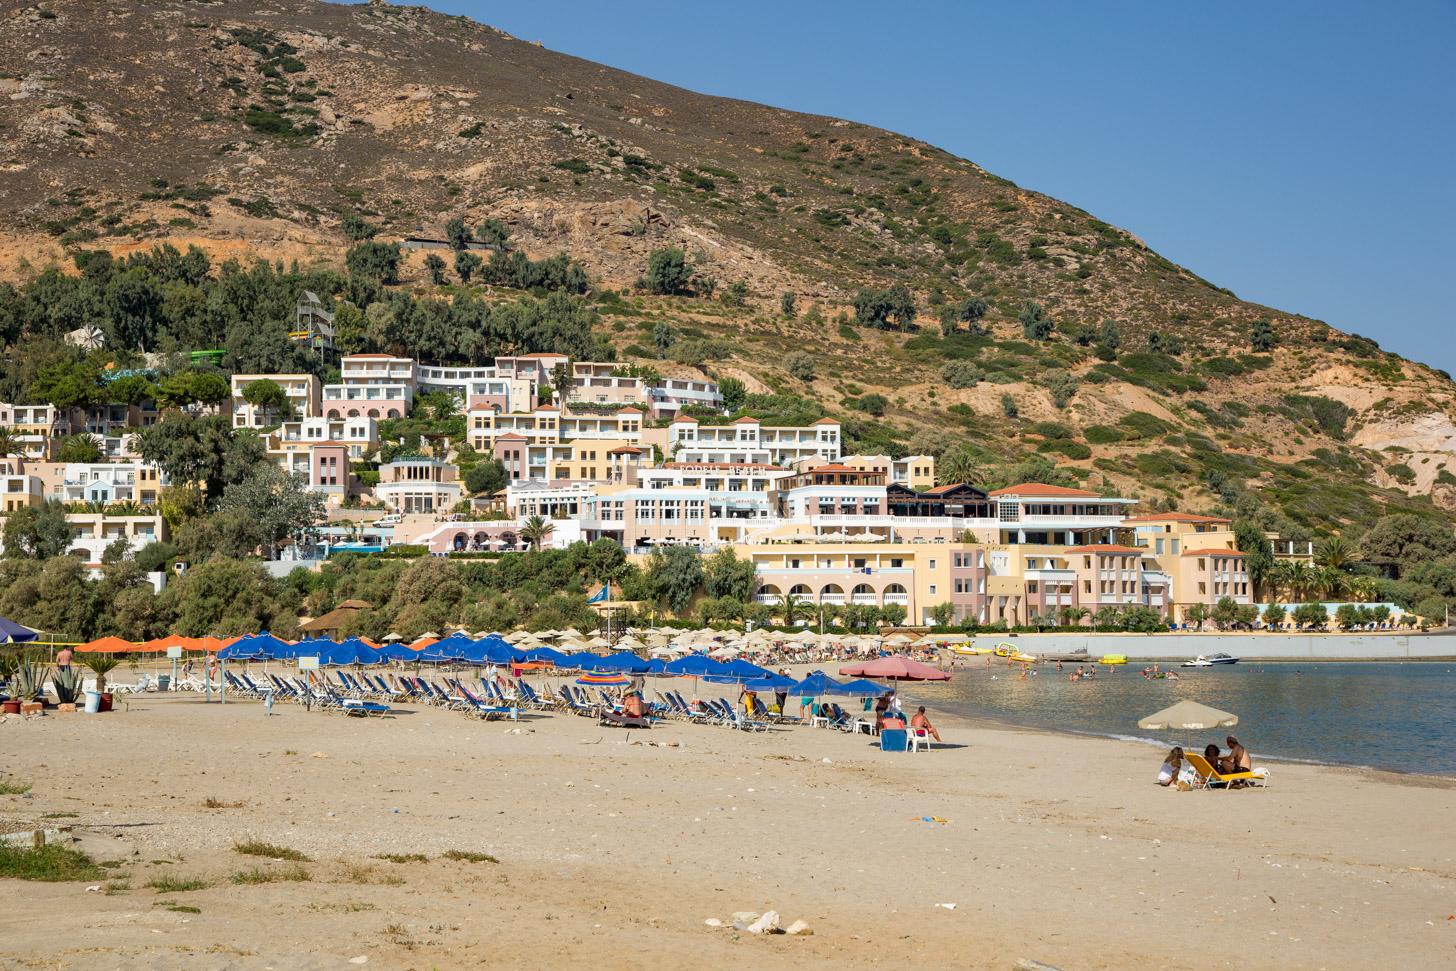 Fodele (Beach)